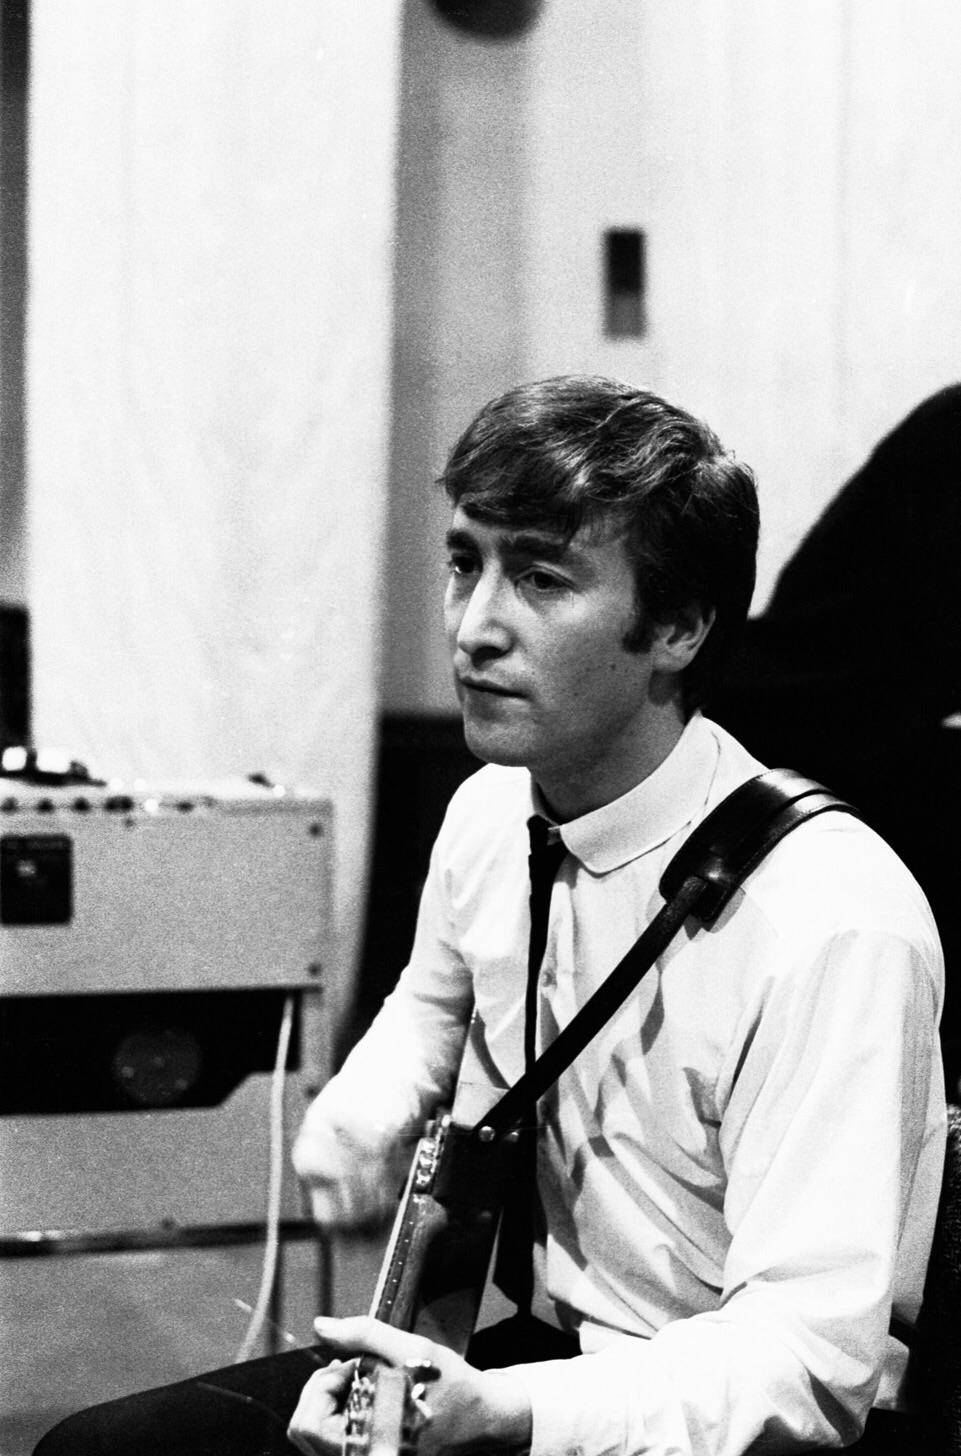 John Lennon at Abbey Road Studios, September 4th, 1962.